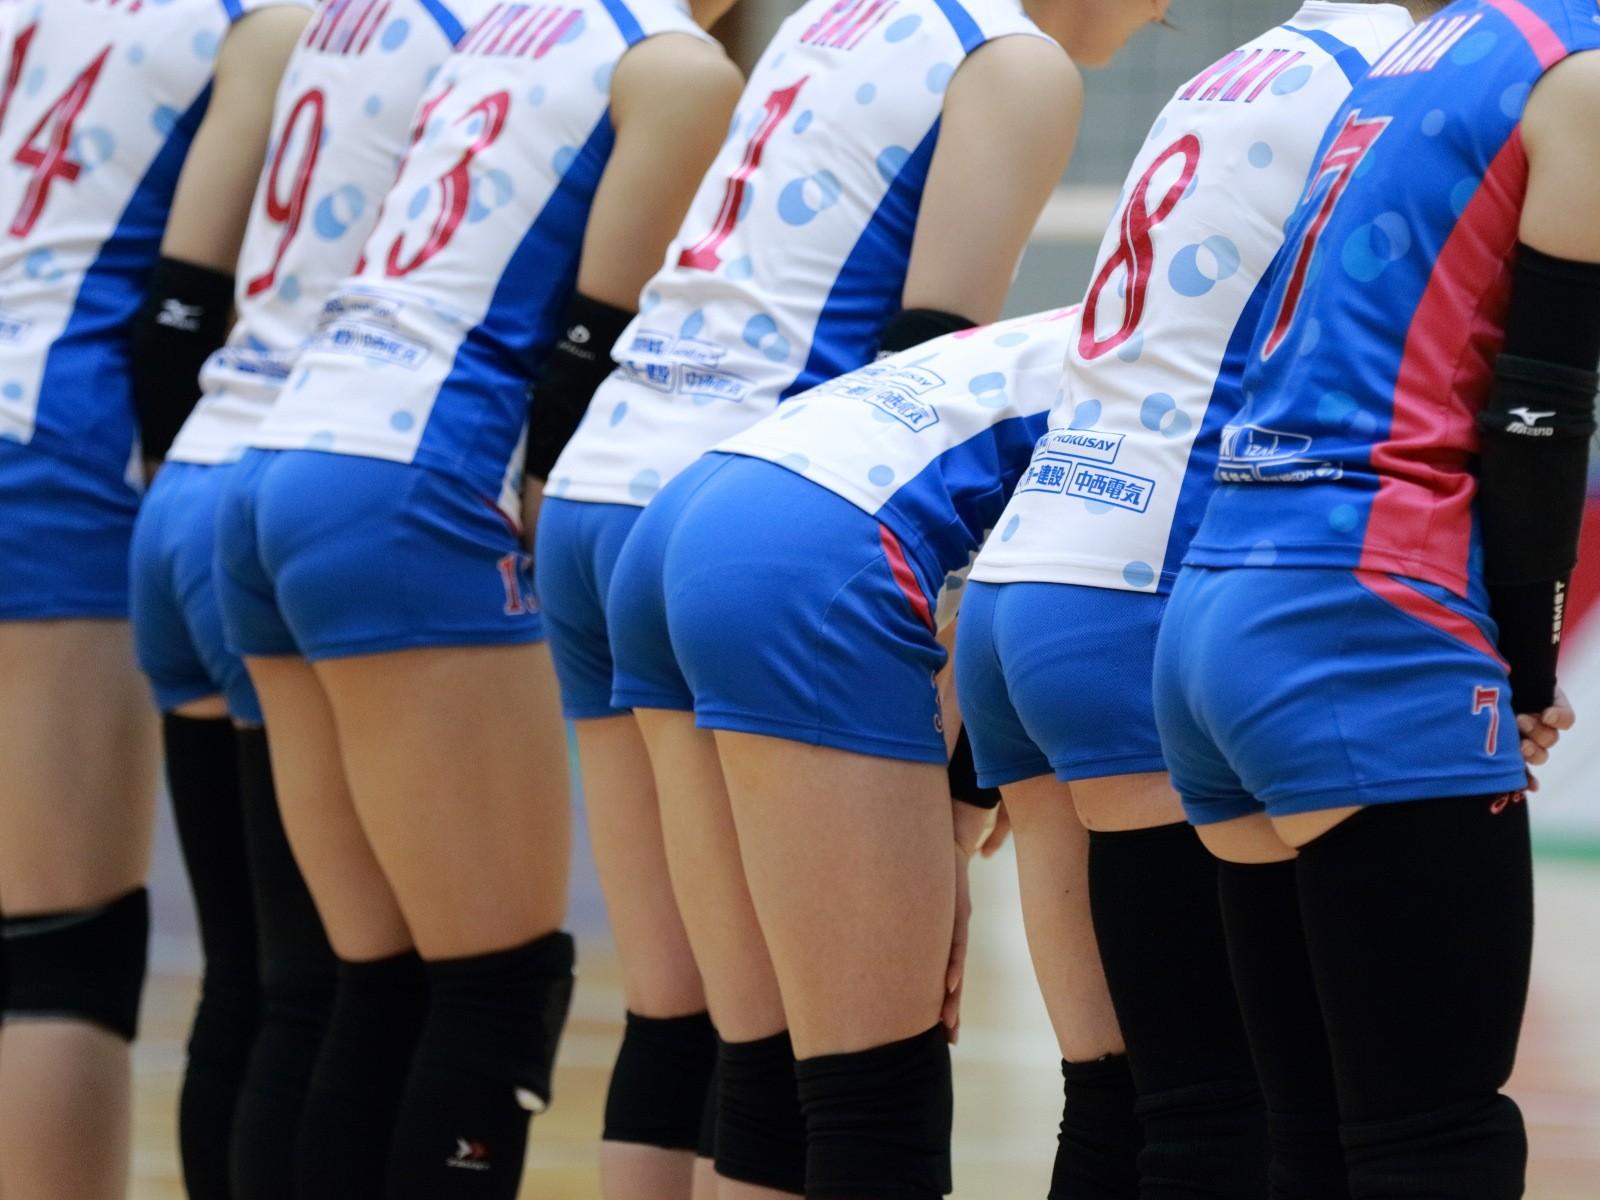 2、3割の男子は女子バレーボール中継見てるときお尻しか見てないだろwwwwwwwww(エロキャプ画像あり)